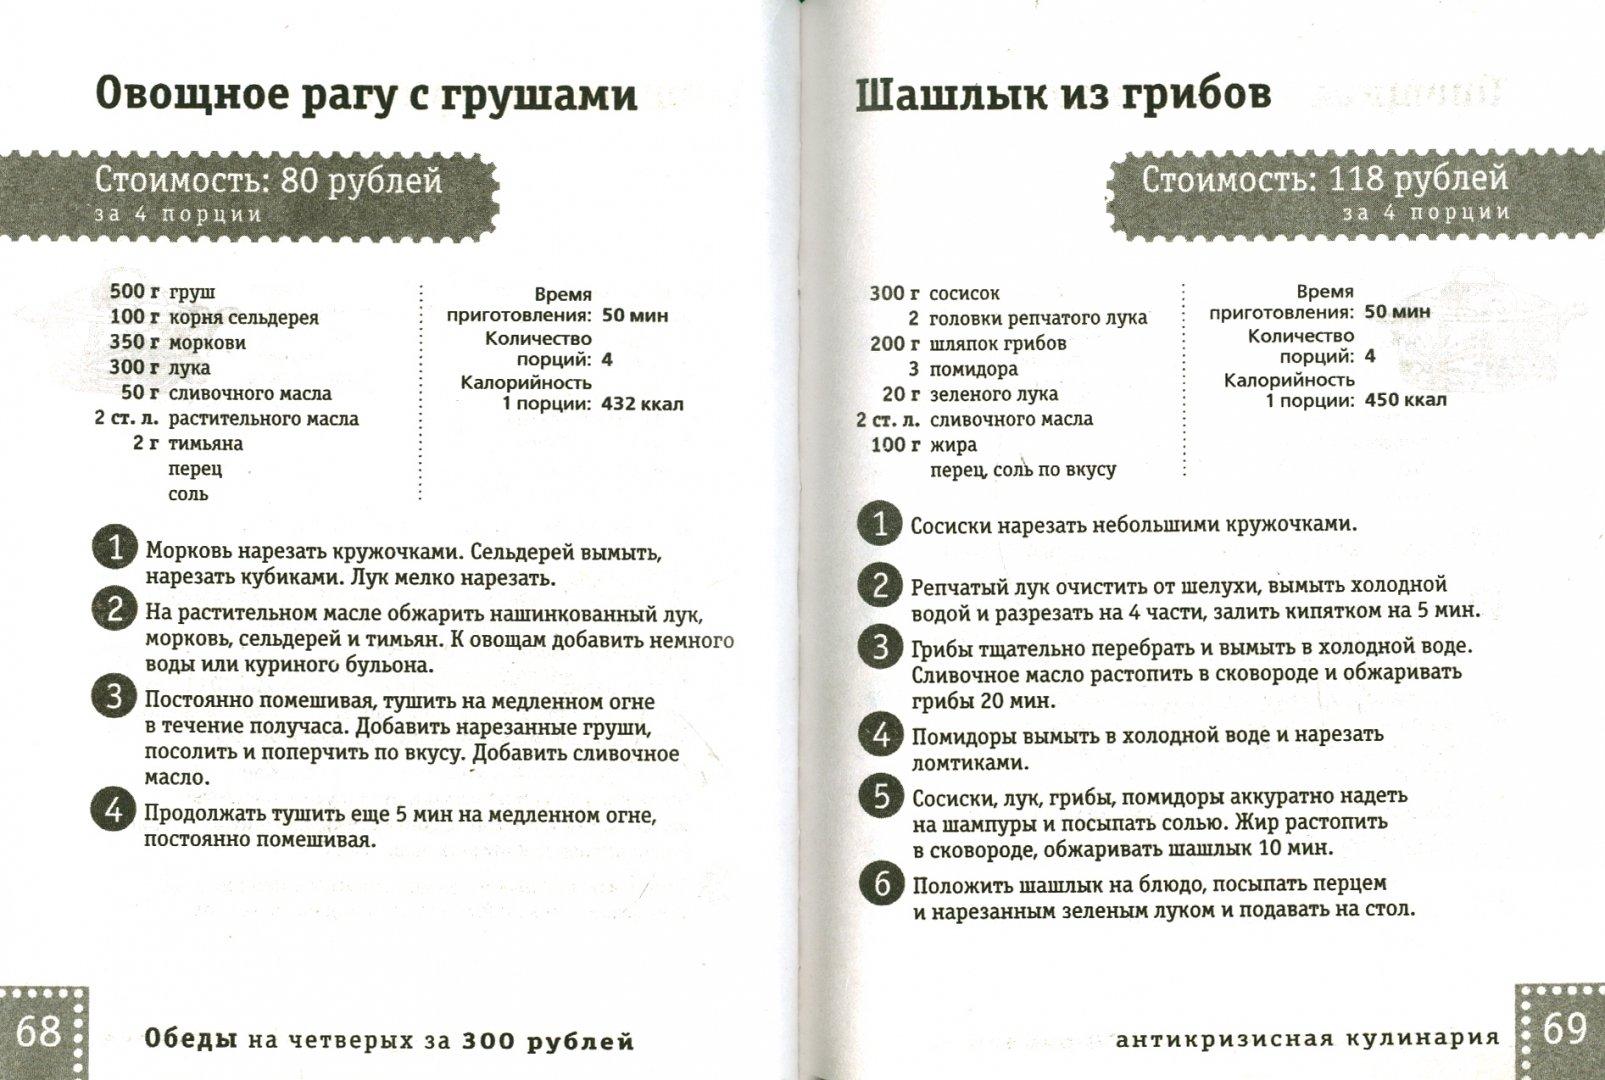 Иллюстрация 1 из 10 для Обеды на четверых за 300 рублей   Лабиринт - книги. Источник: Лабиринт